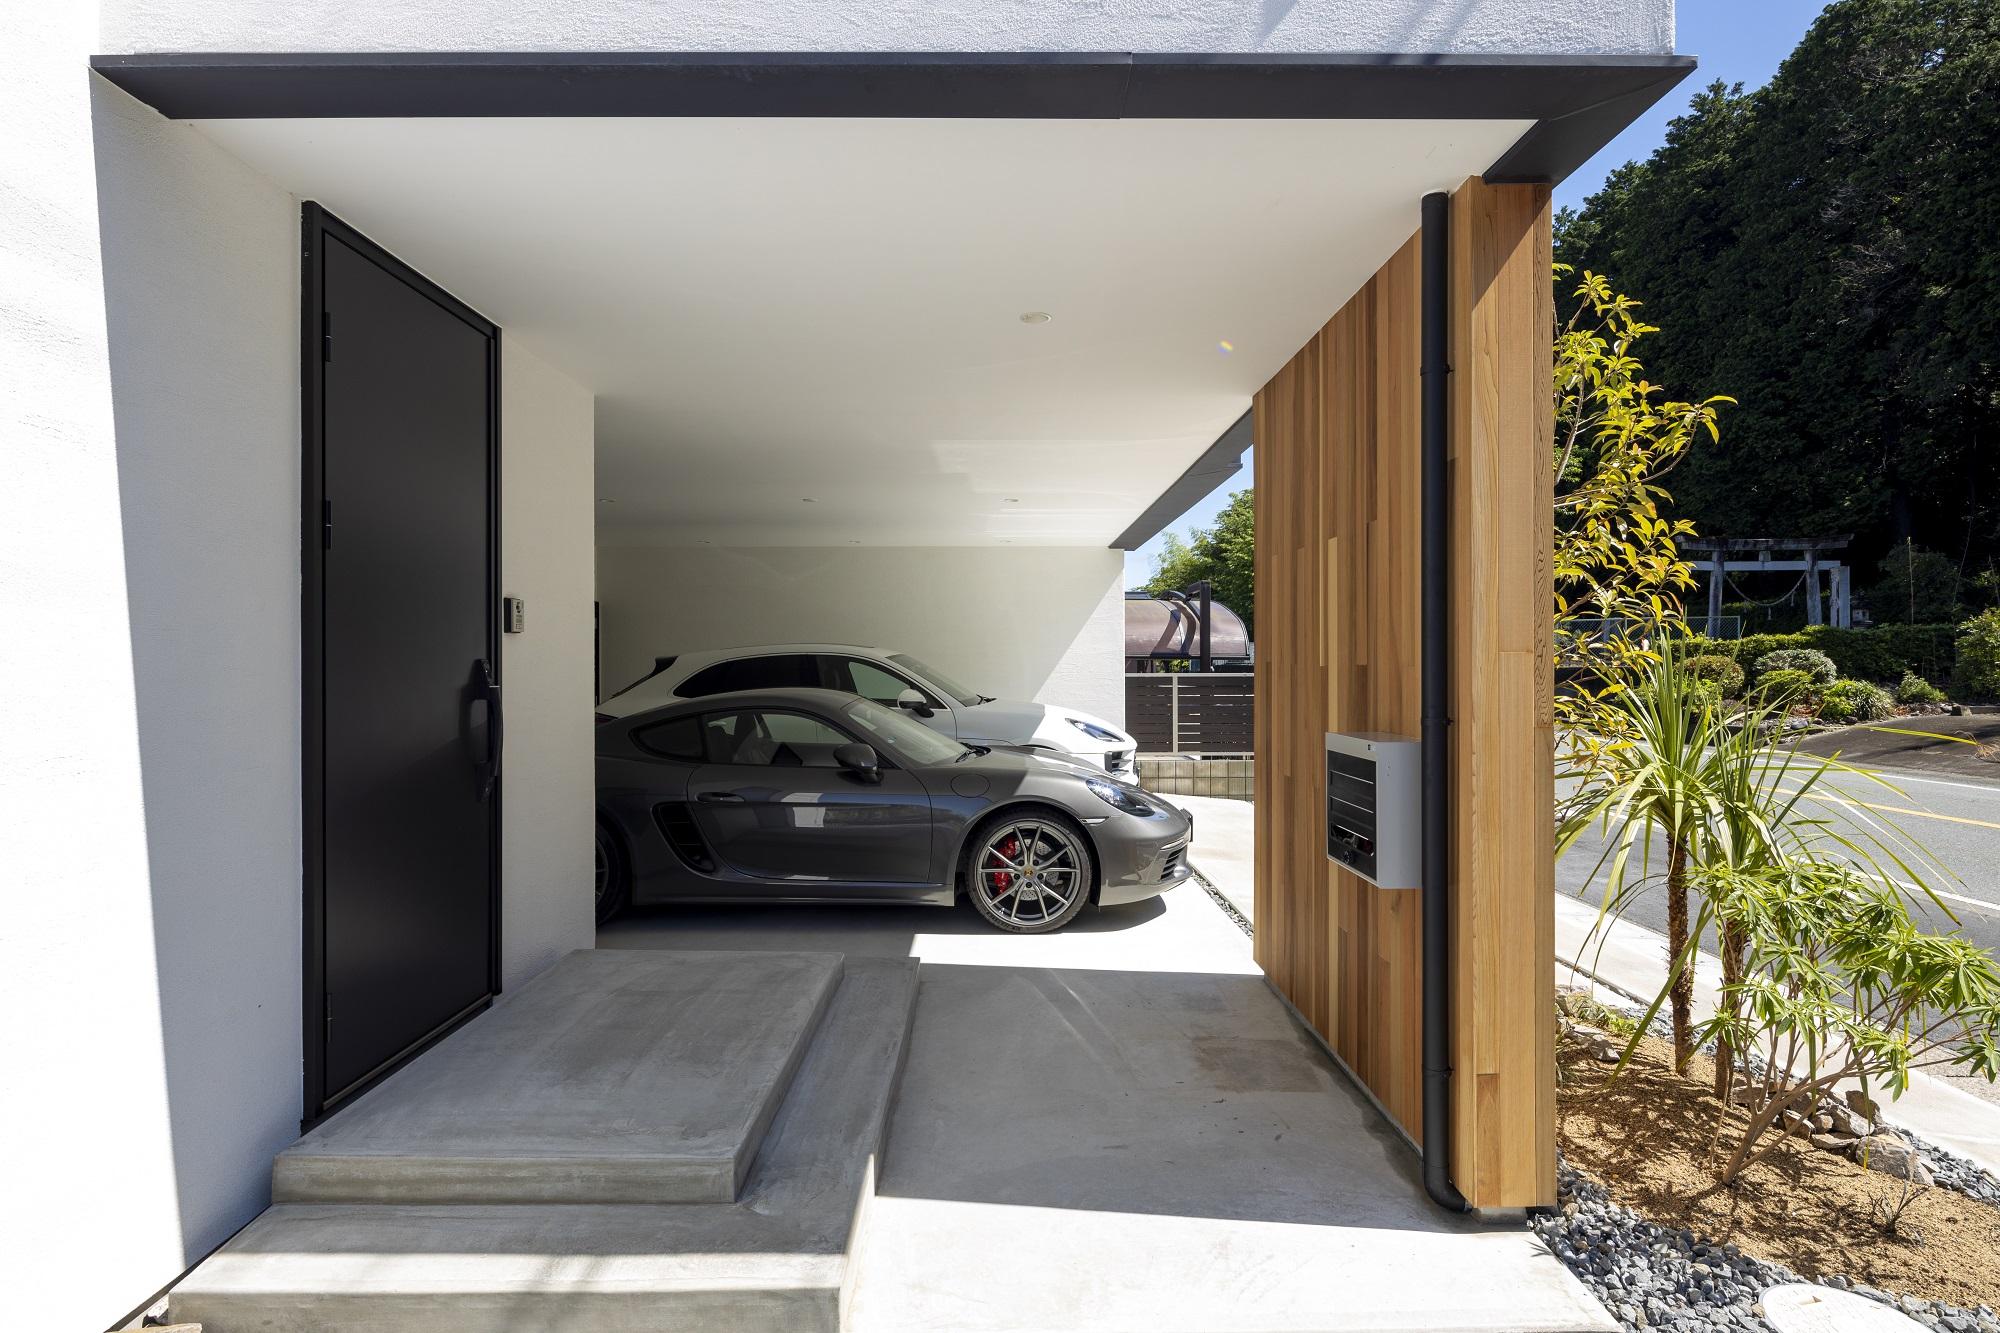 スタイルカーサ【デザイン住宅、趣味、屋上バルコニー】vacancesシリーズskygarageの特徴はこのビルトインガレージ。車から玄関、玄関から郵便受けまで雨に濡れずに行けるのが嬉しい。玄関ポーチのモルタル仕上げもスタイリッシュなデザインになっている